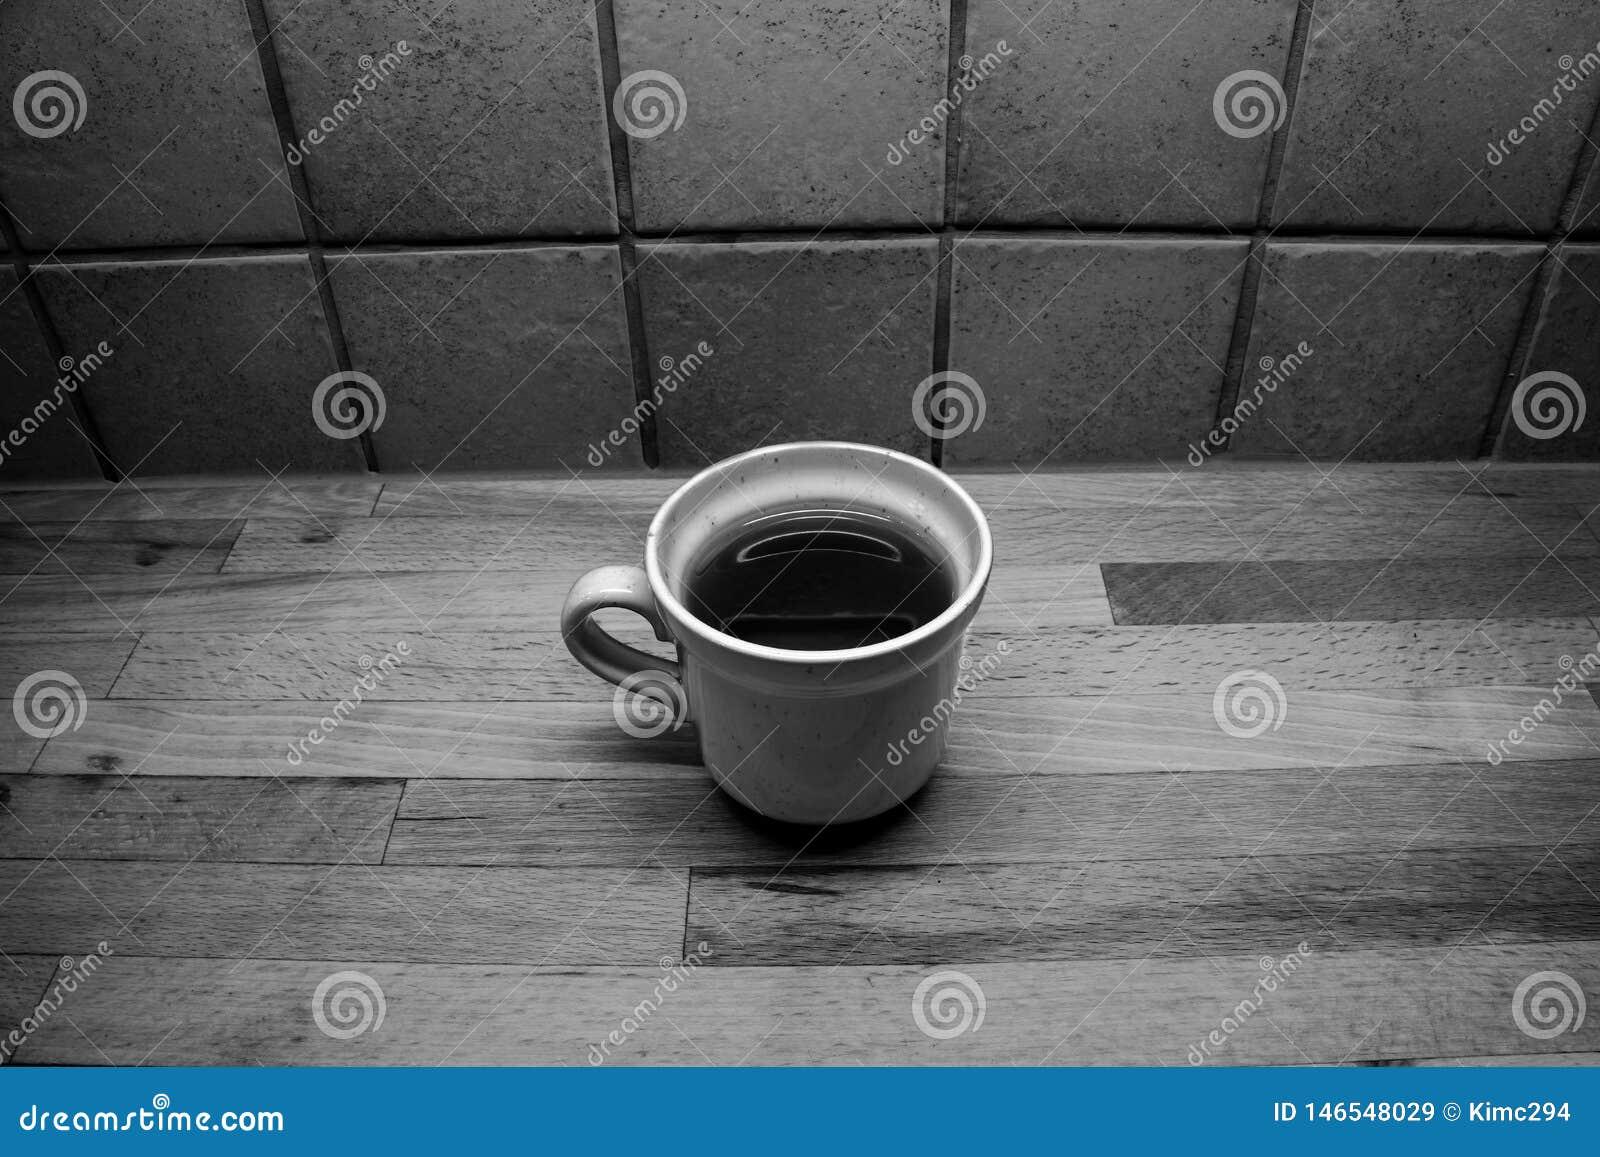 Una tazza riempita dei supporti del tè su un controsoffitto di legno davanti ad una parete piastrellata